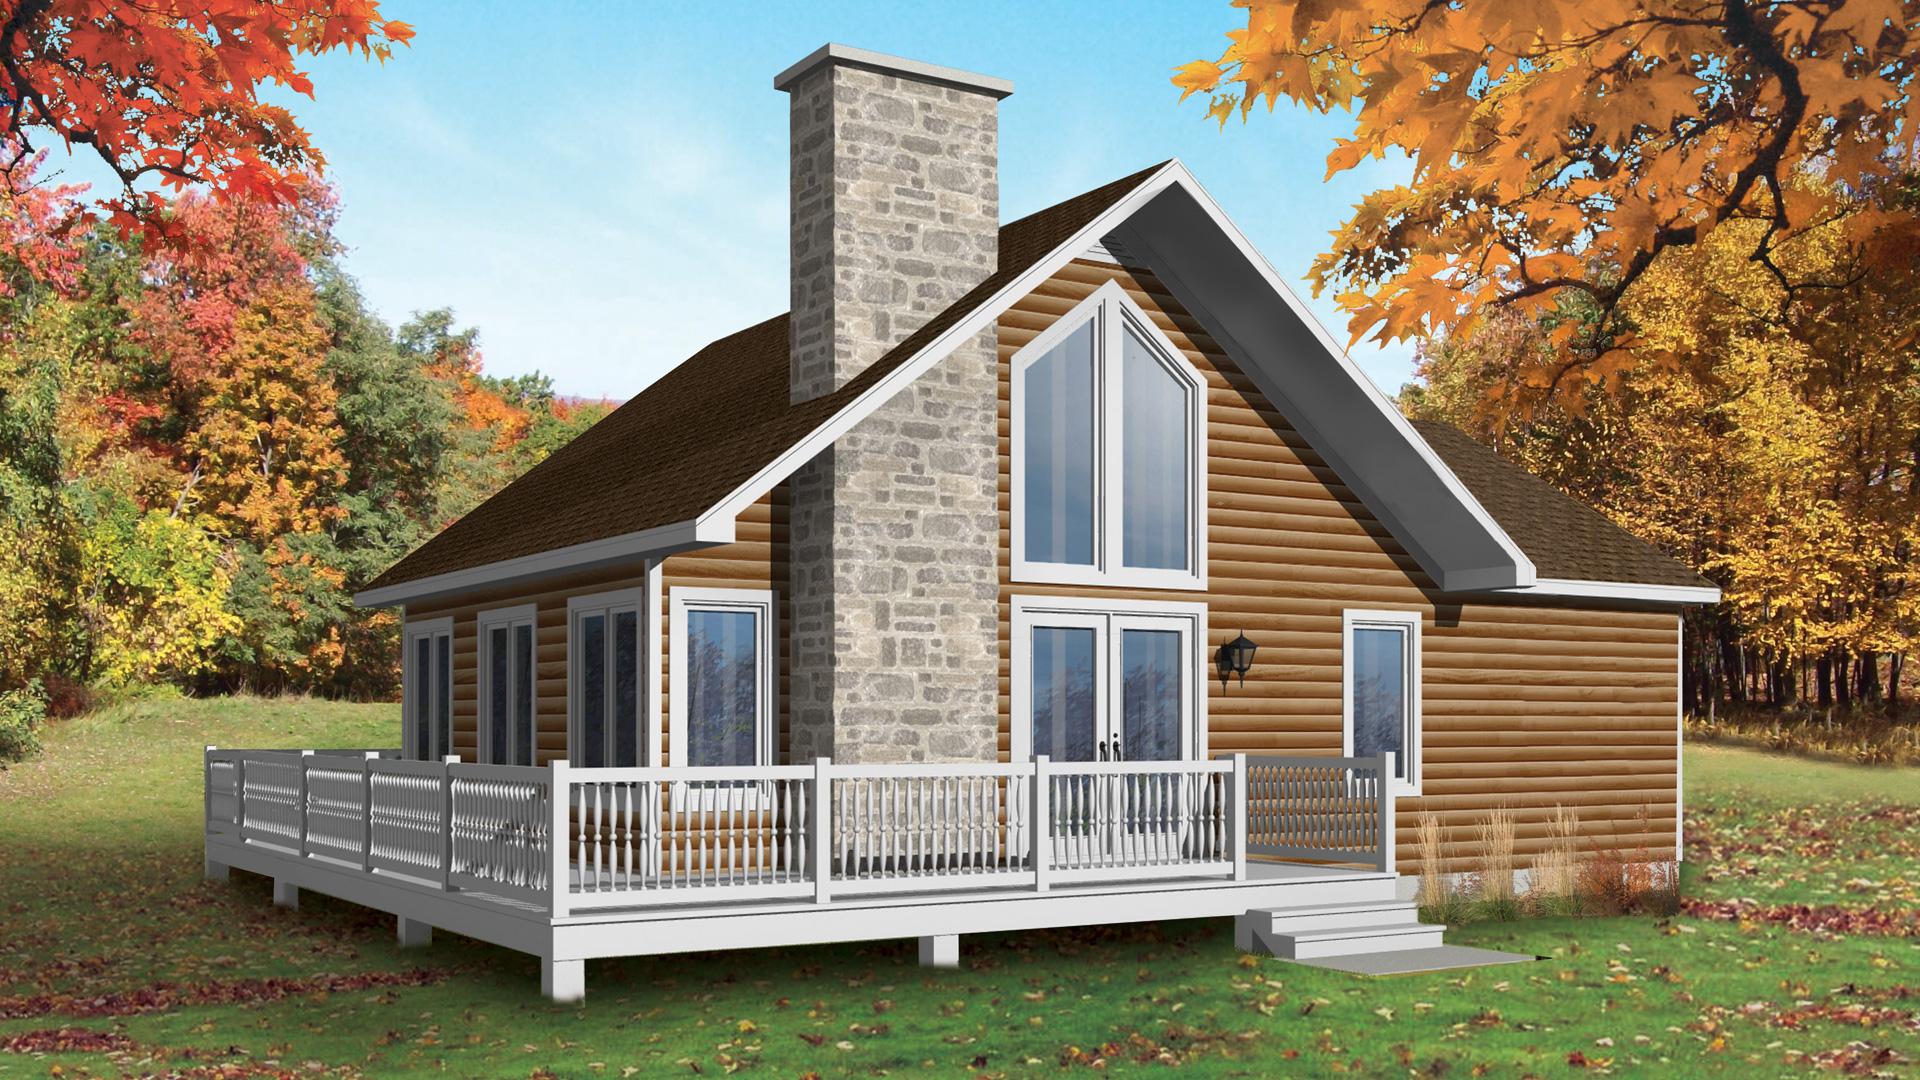 Mod le cormoran maison vill giature chalets pro fab constructeur de maisons modulaires et for Maison modele profab